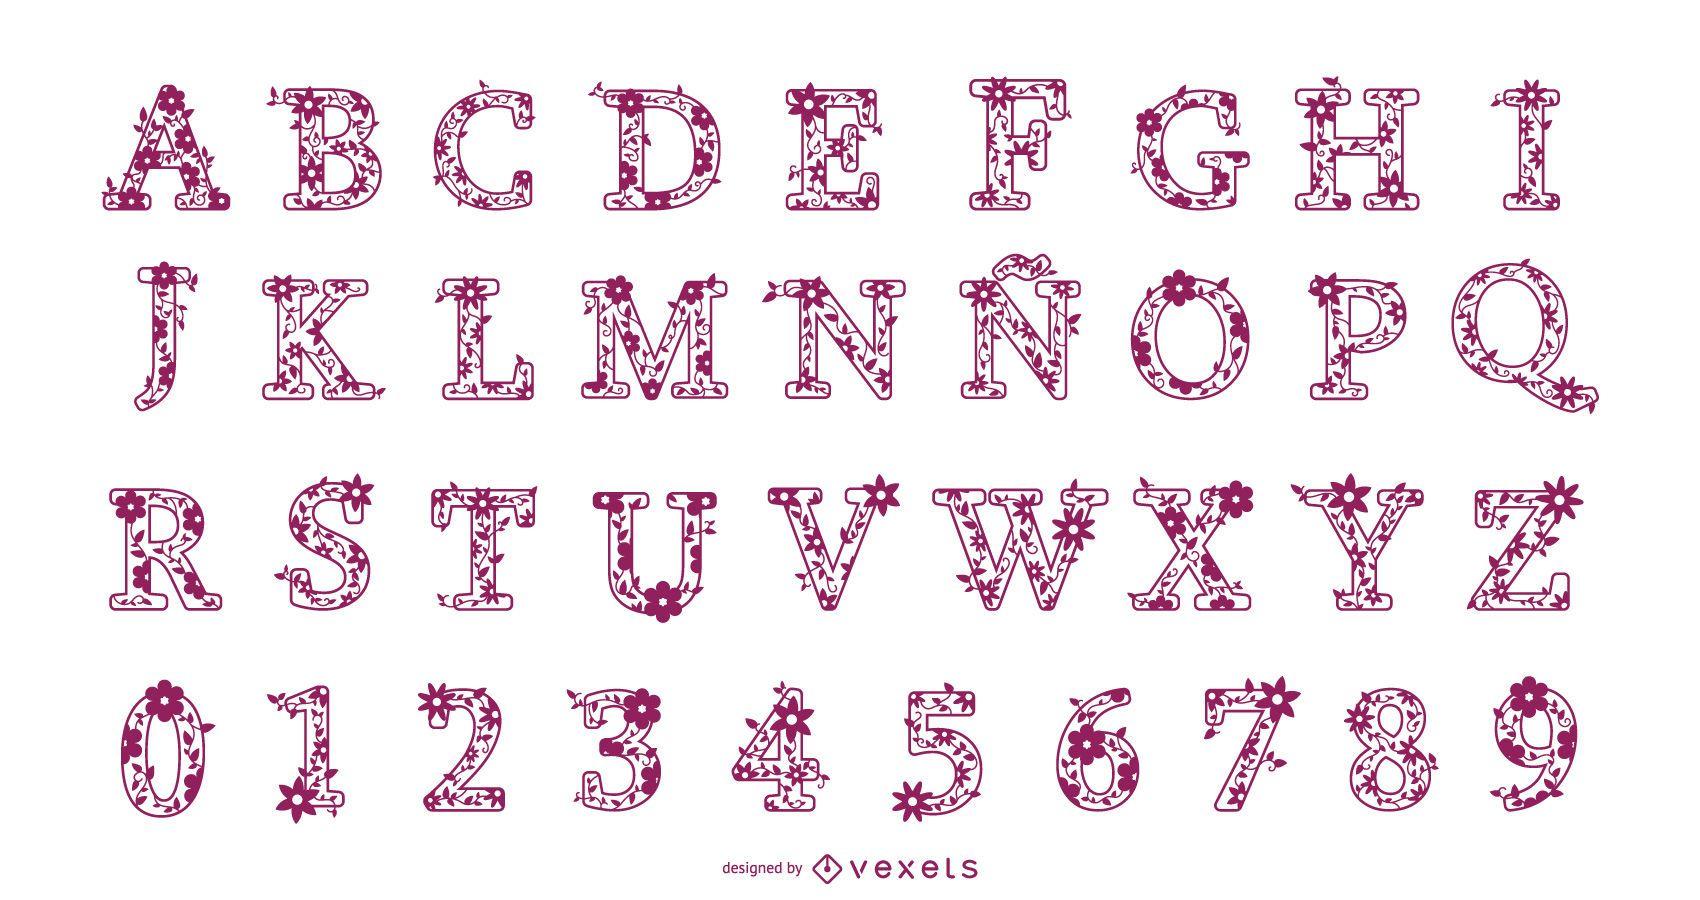 Conjunto de design de alfabeto de letras e números florais